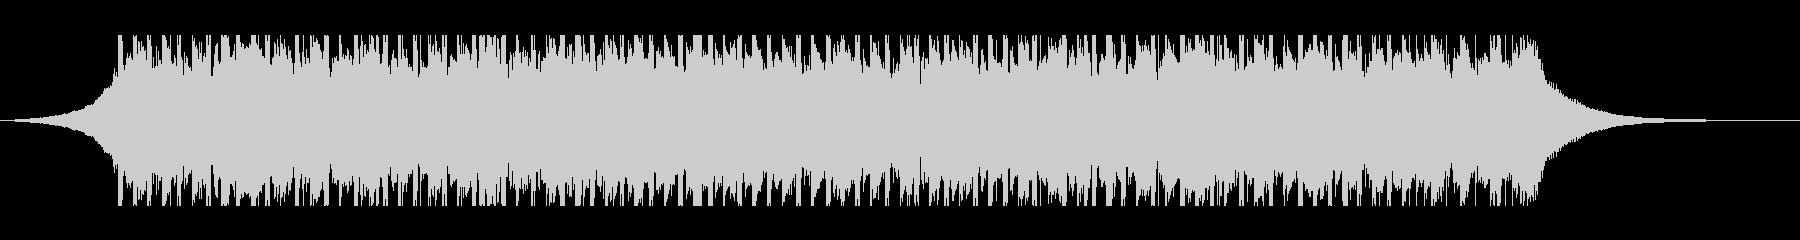 成功(30秒)の未再生の波形